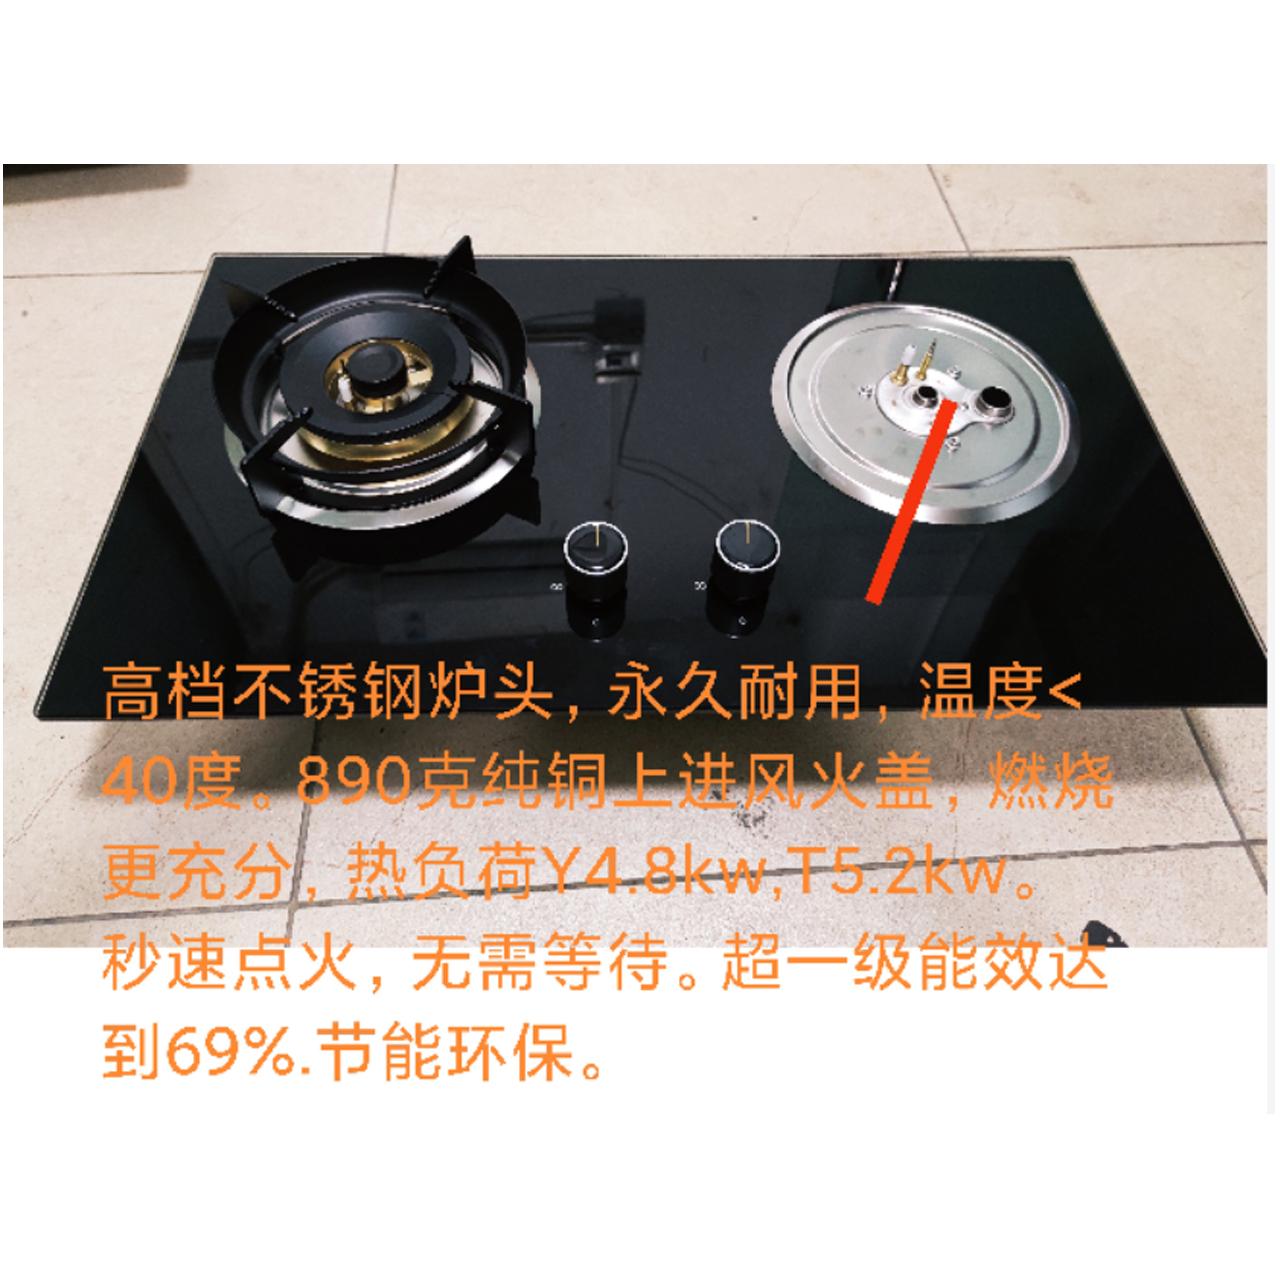 K2-Q2G048R厨房燃气灶具